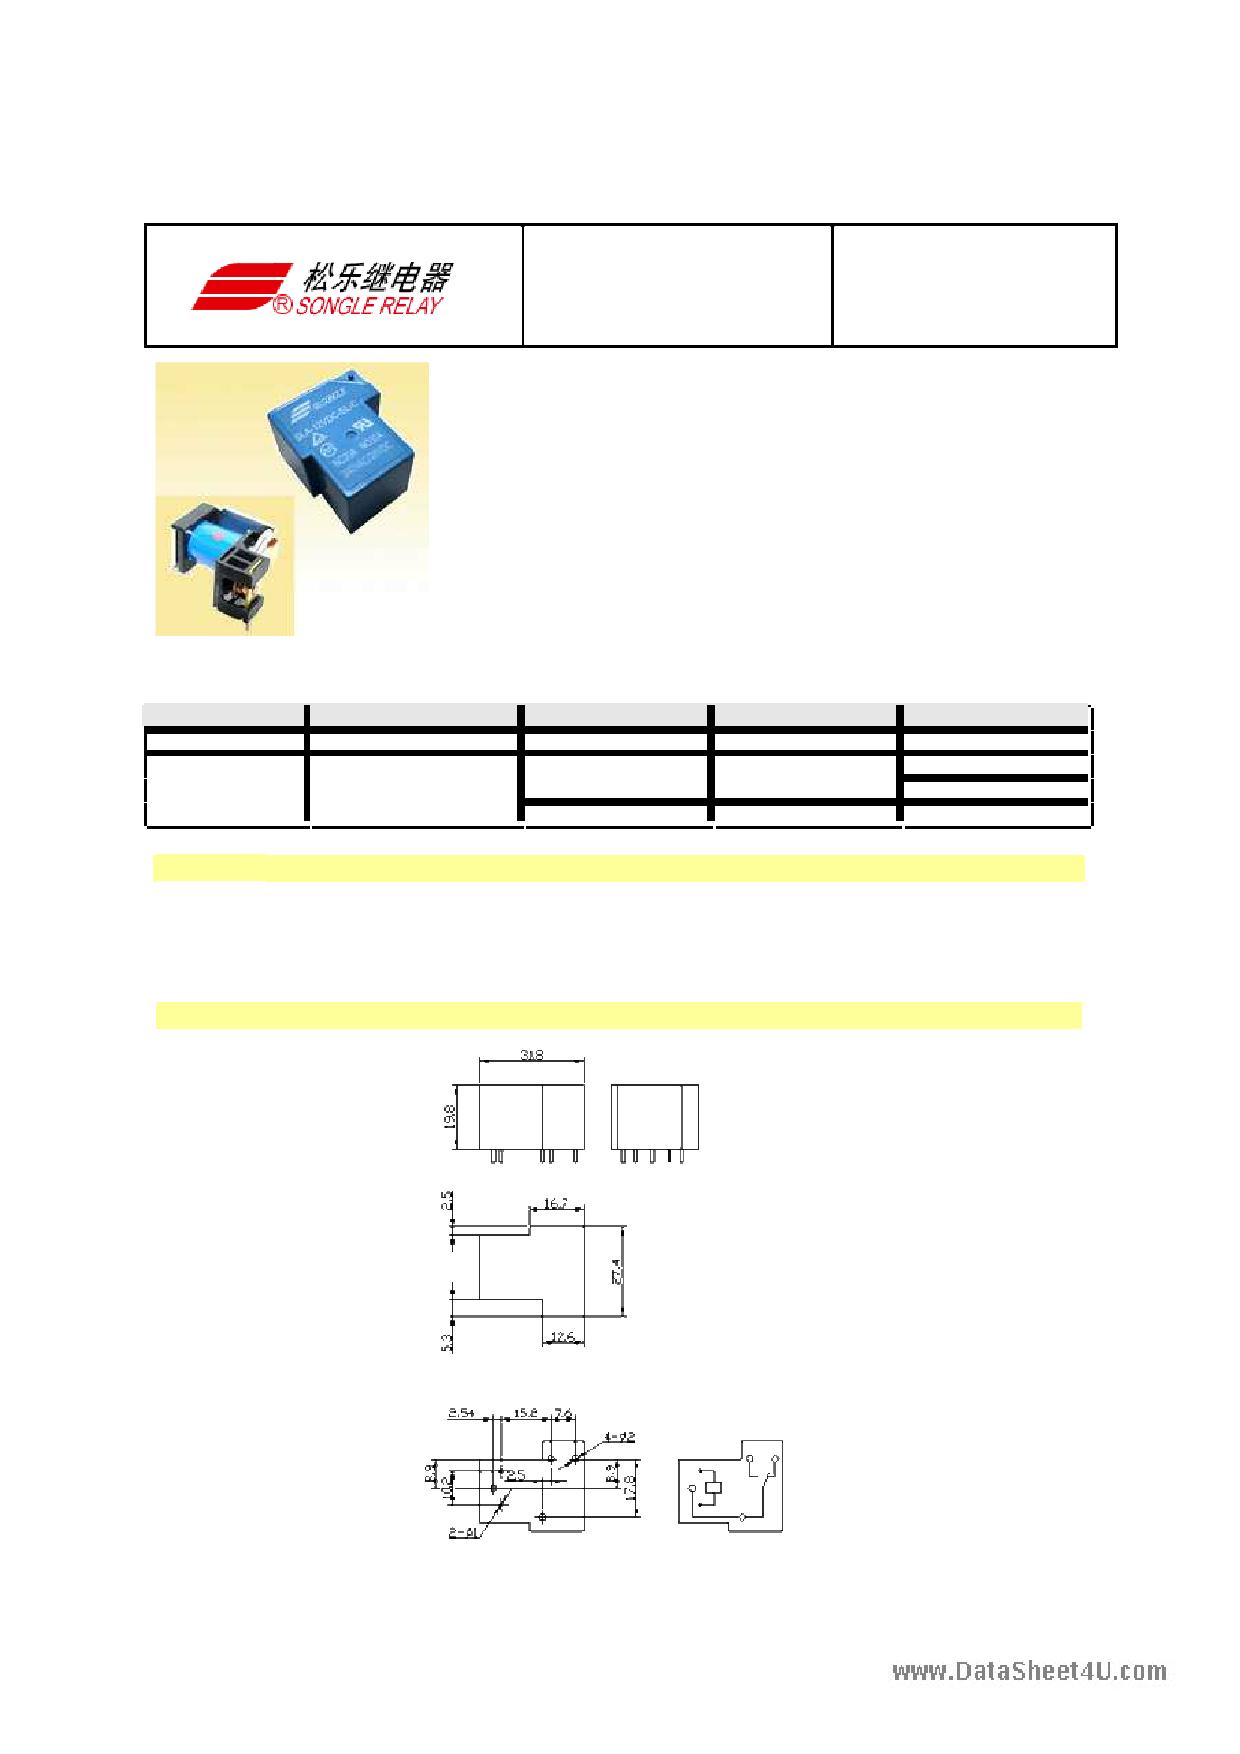 SLA-12VDC-SL-A image